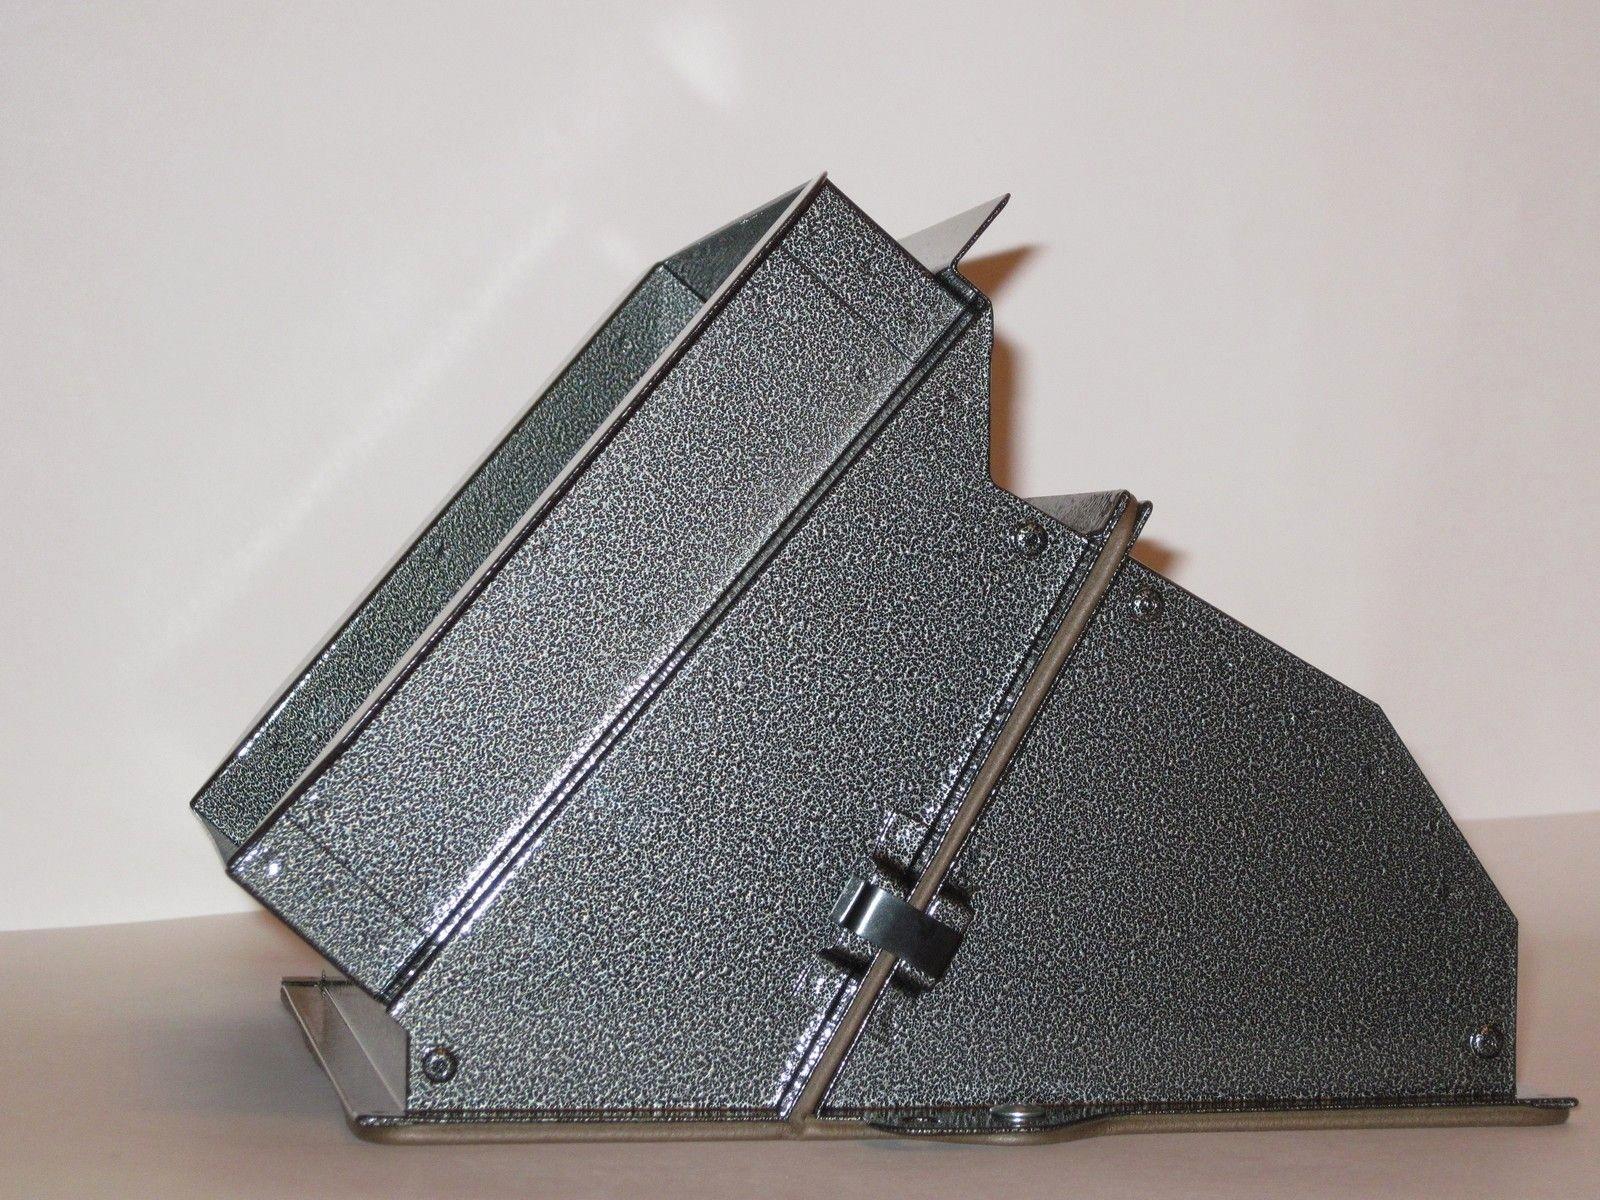 Салонный фильтр ВАЗ 2109 и адаптер для него как установить 52